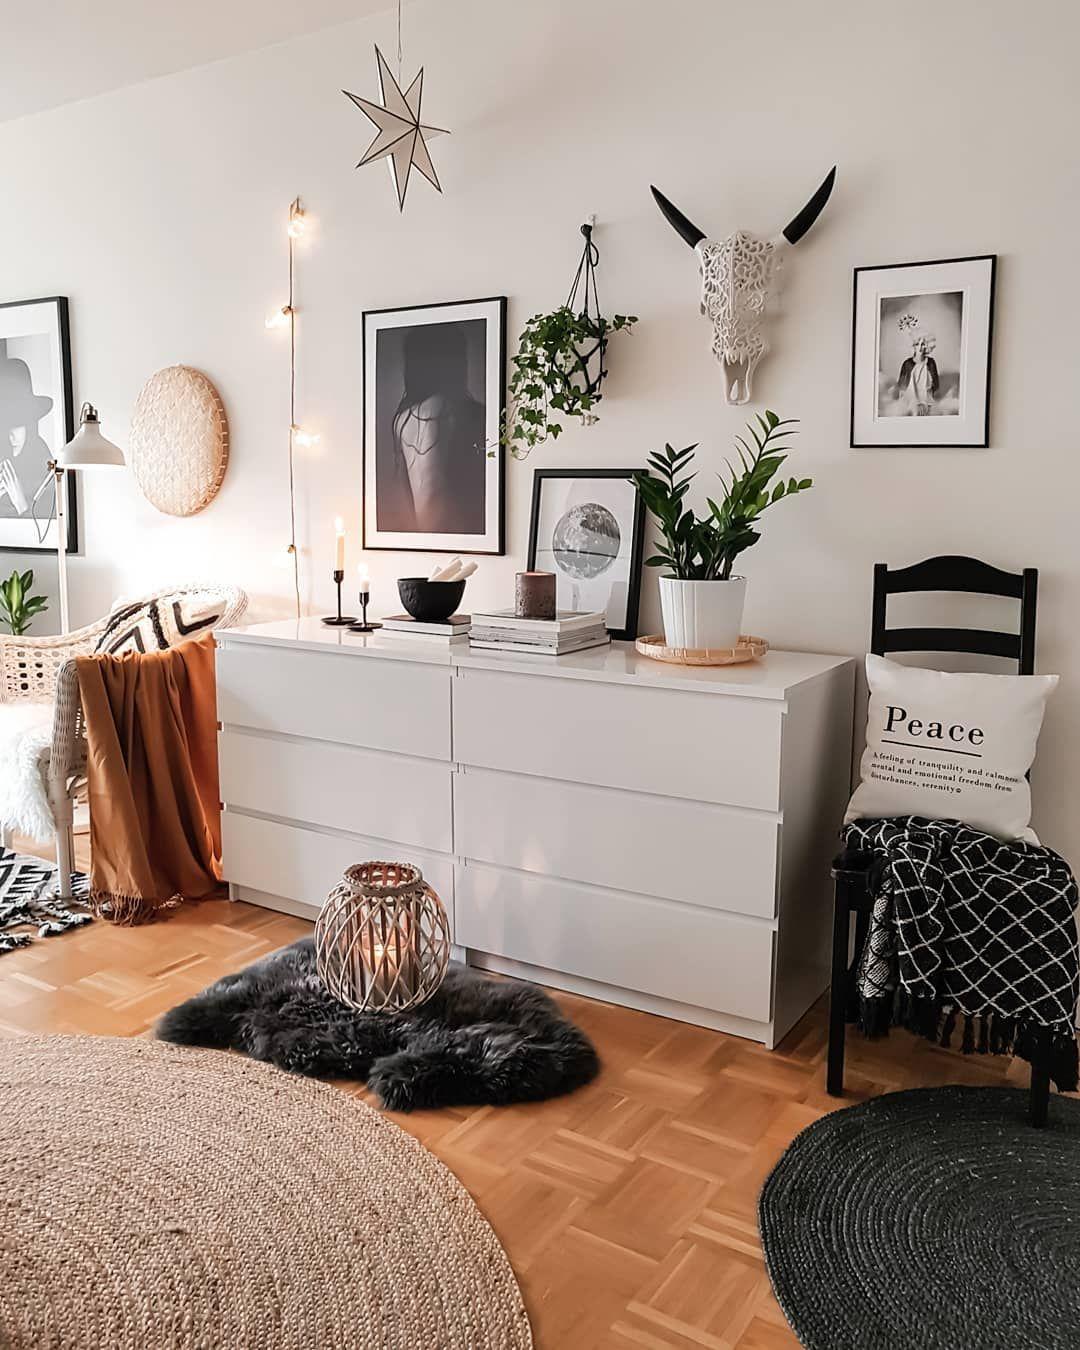 Provenance De La Photo Instagram Mk Nordic Interiordesign Interiors Design Deco Skandinavianhome Scandinaviani In 2020 Home Minimalist Bedroom Bedroom Design